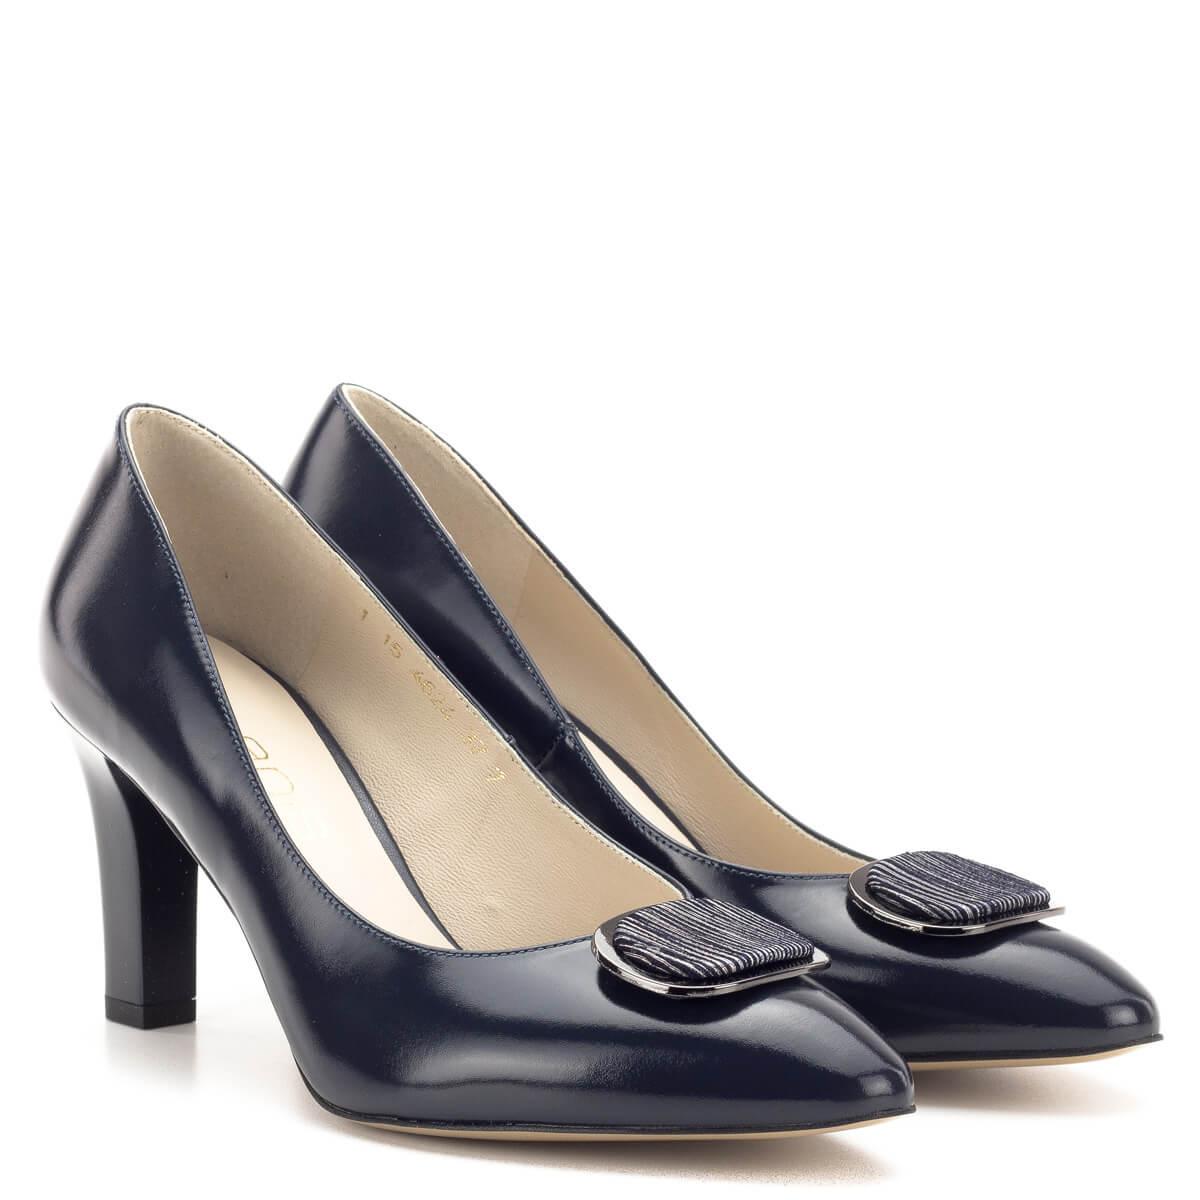 037777eca3 Sötétkék Anis magas sarkú cipő Márka: Anis Szín: Kék Sarok magassága: 7, ...